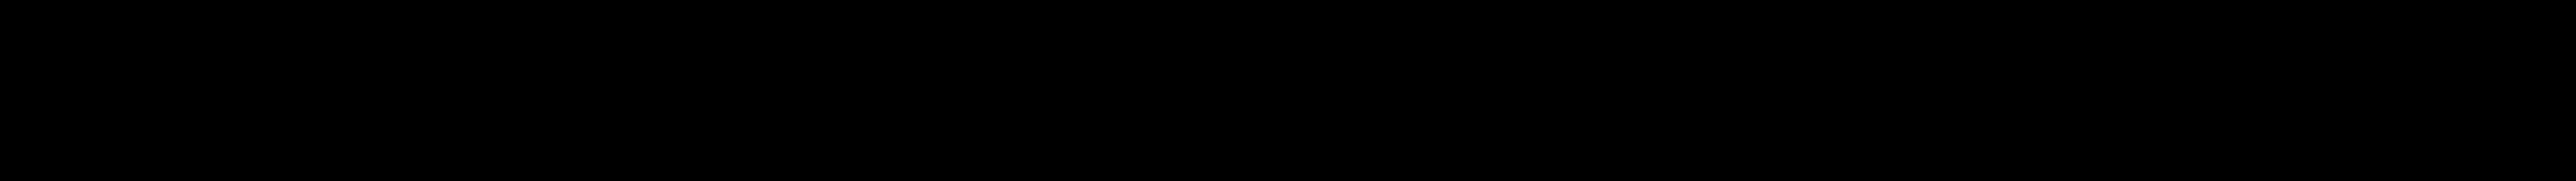 Hoofer Line Space Font by Scholtz Fonts : Font Bros